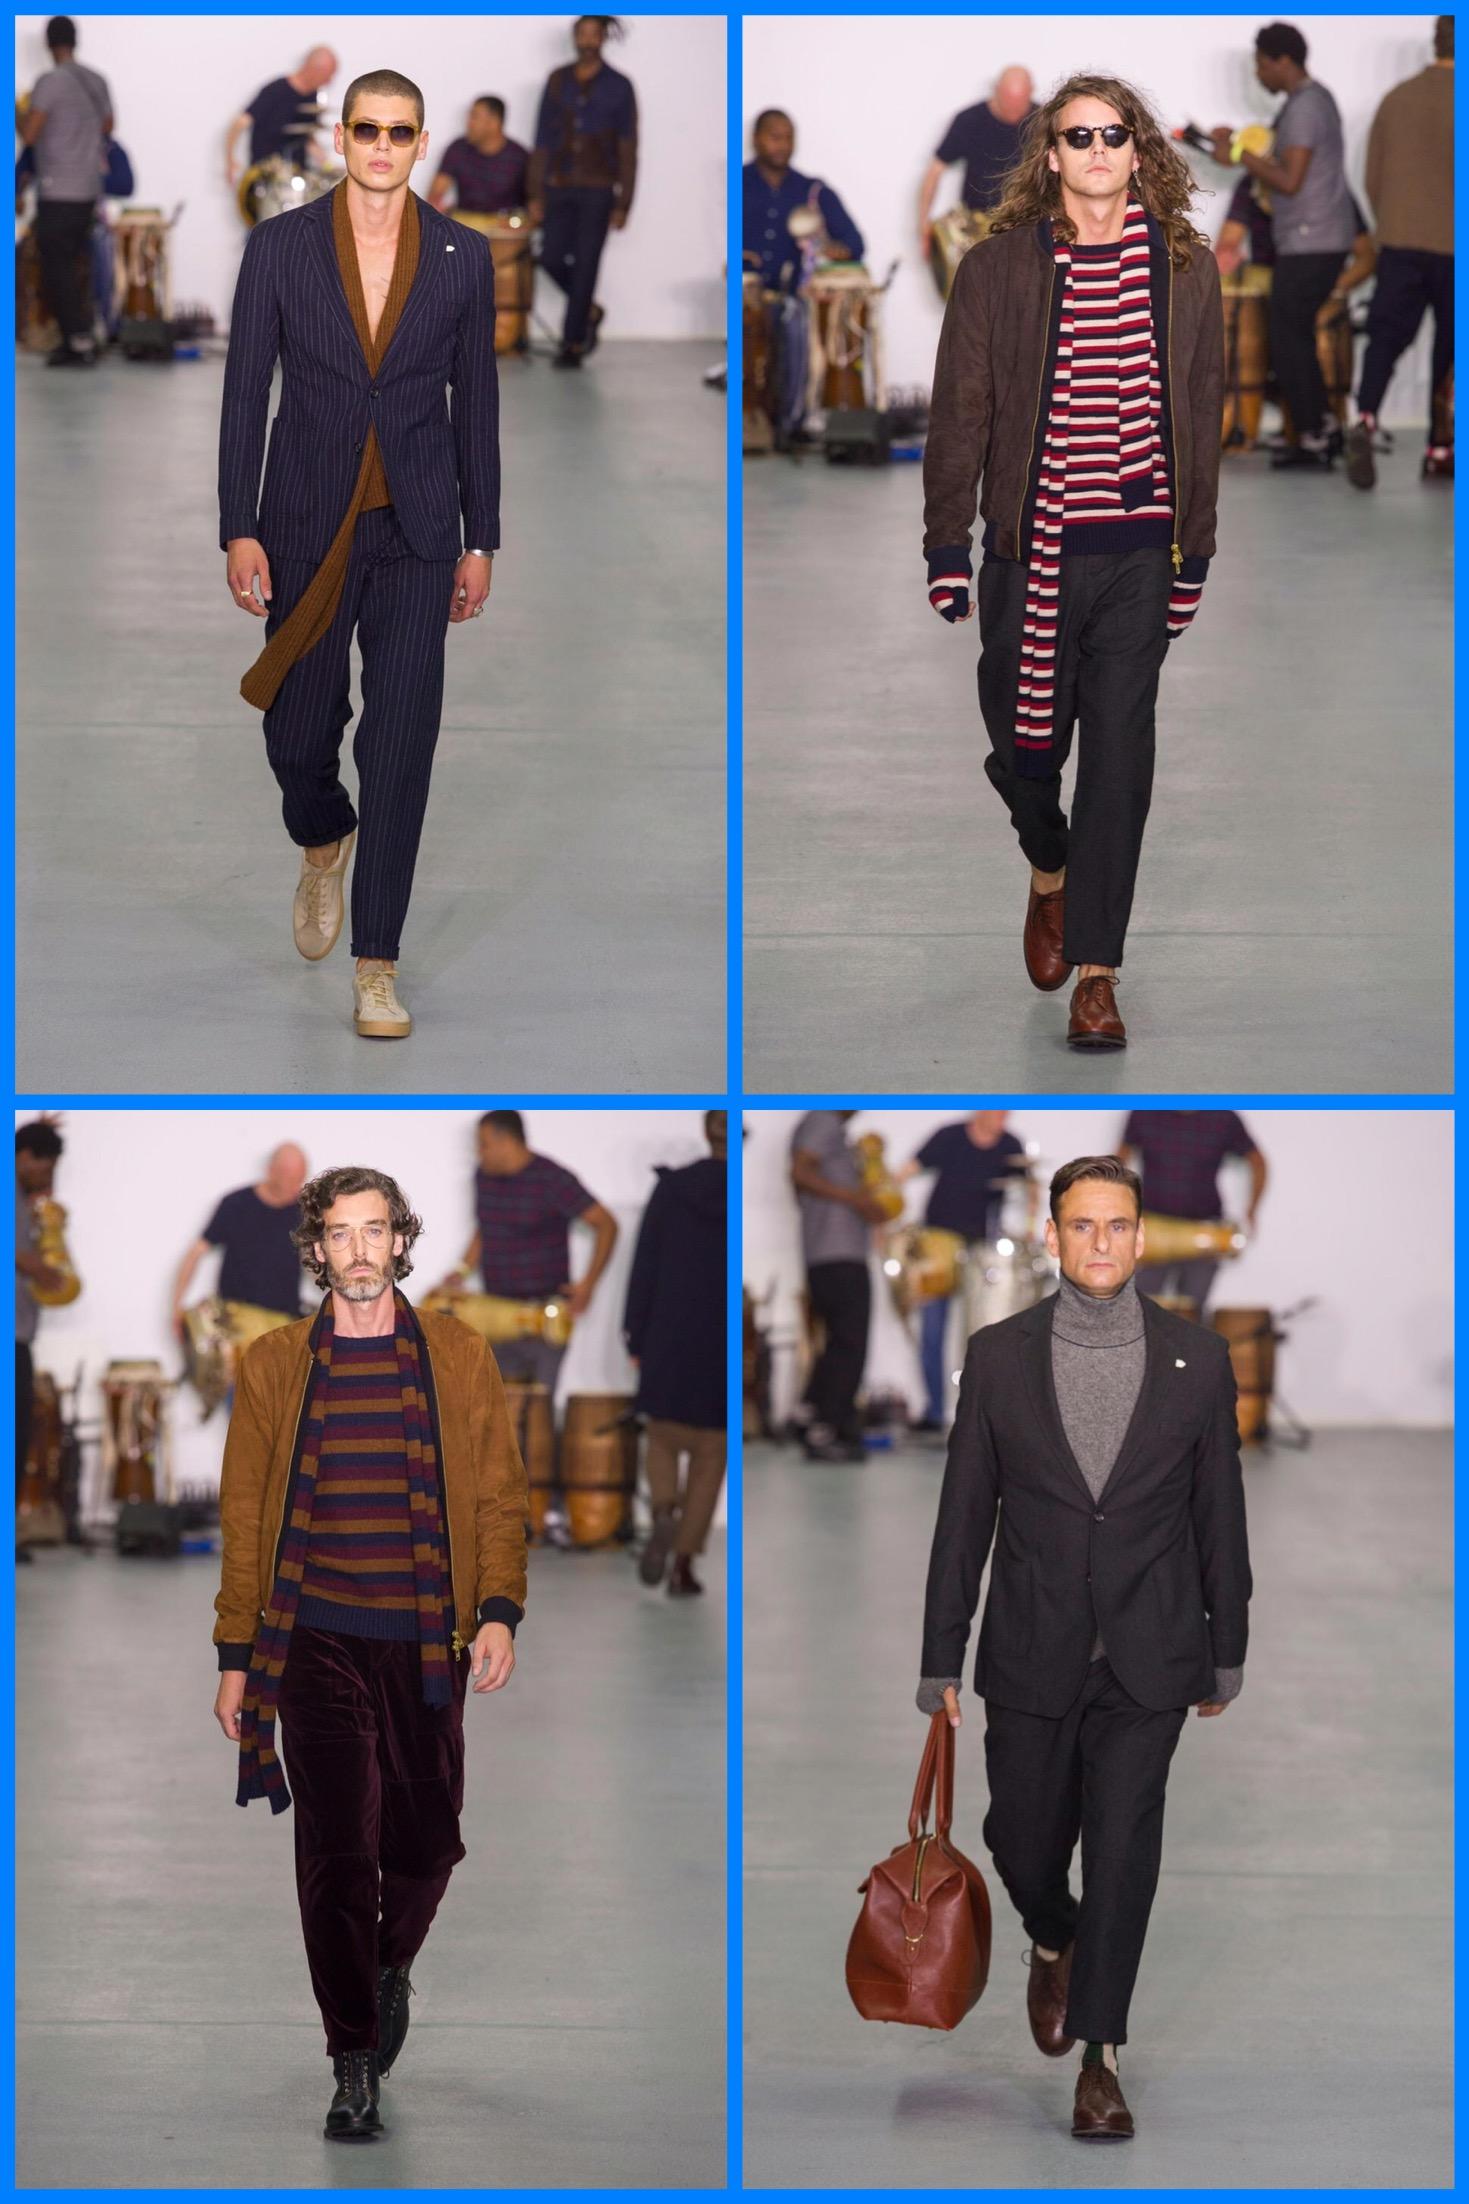 london-fashion-week-pret-a-porter-spring-summer-2017-style-oliver-spencer